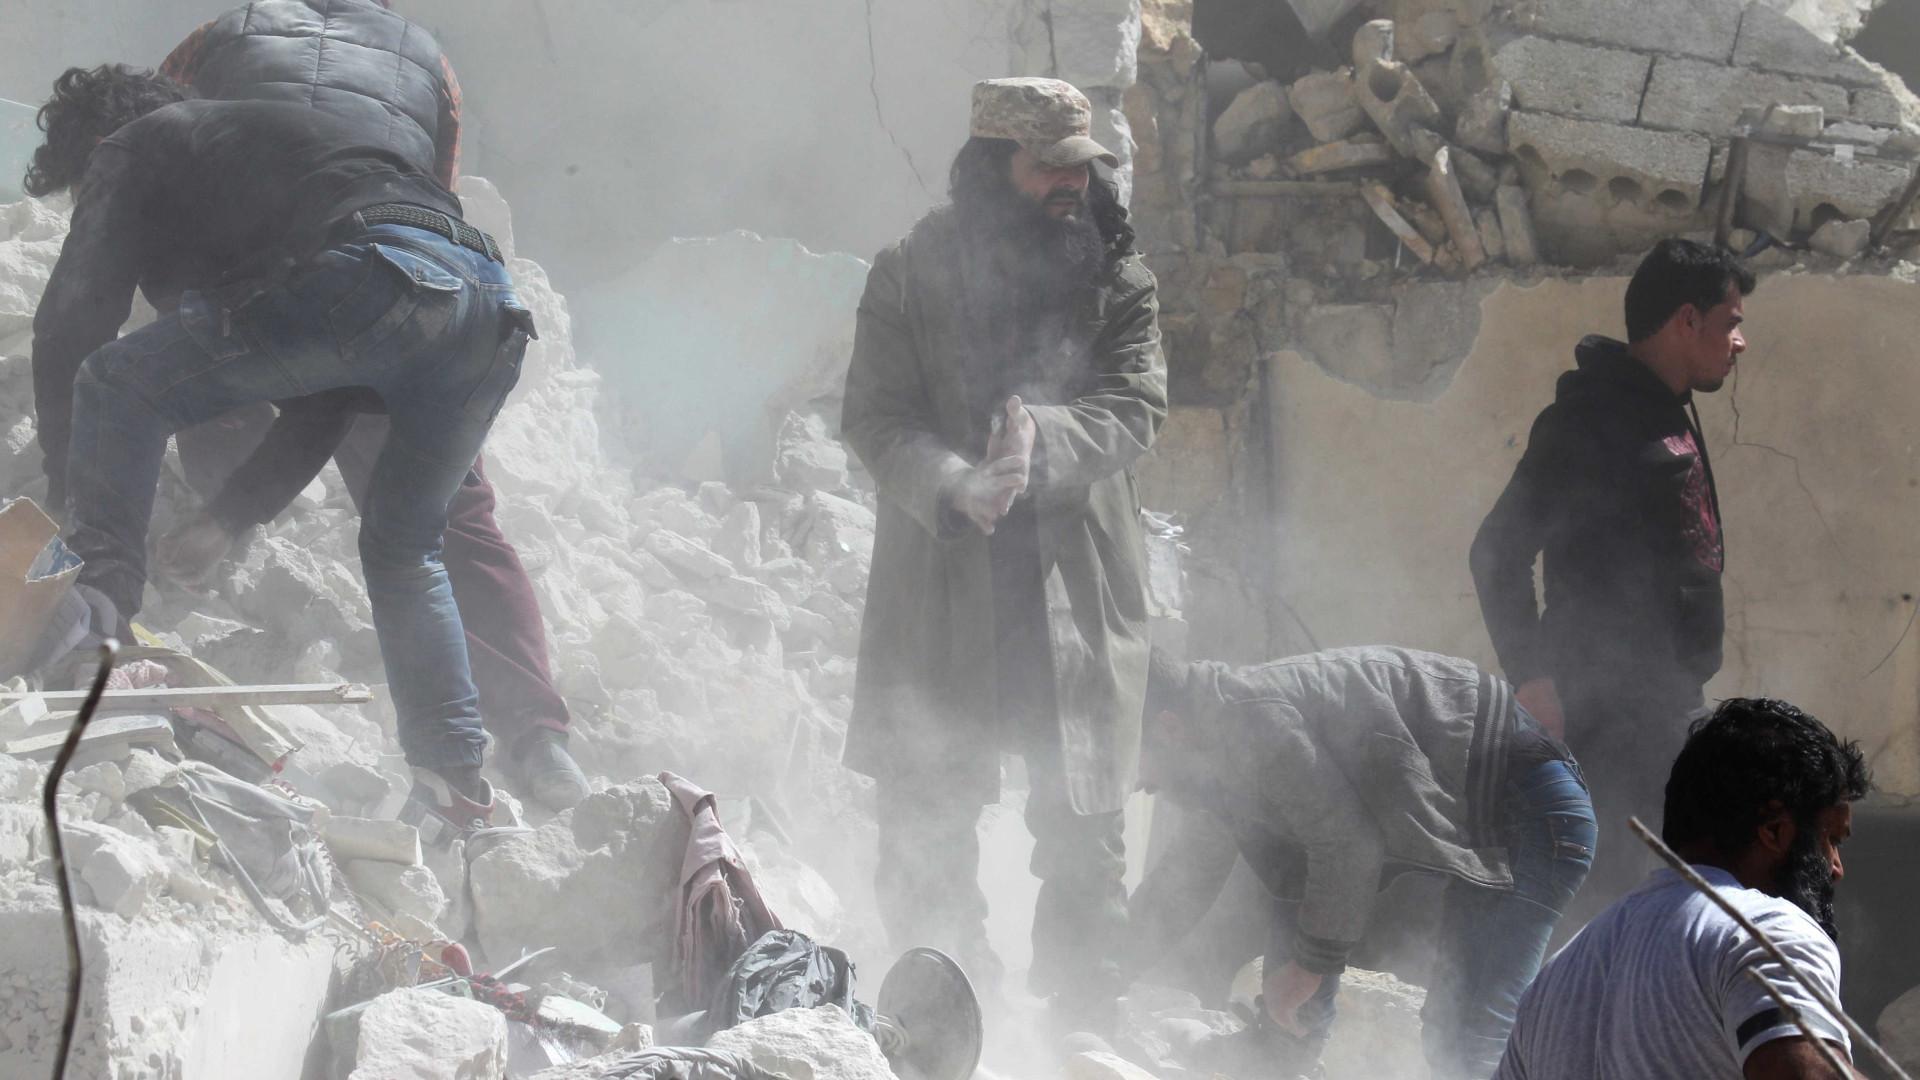 Síria: Intensos bombardeamentos a leste de Damasco após ataque rebelde